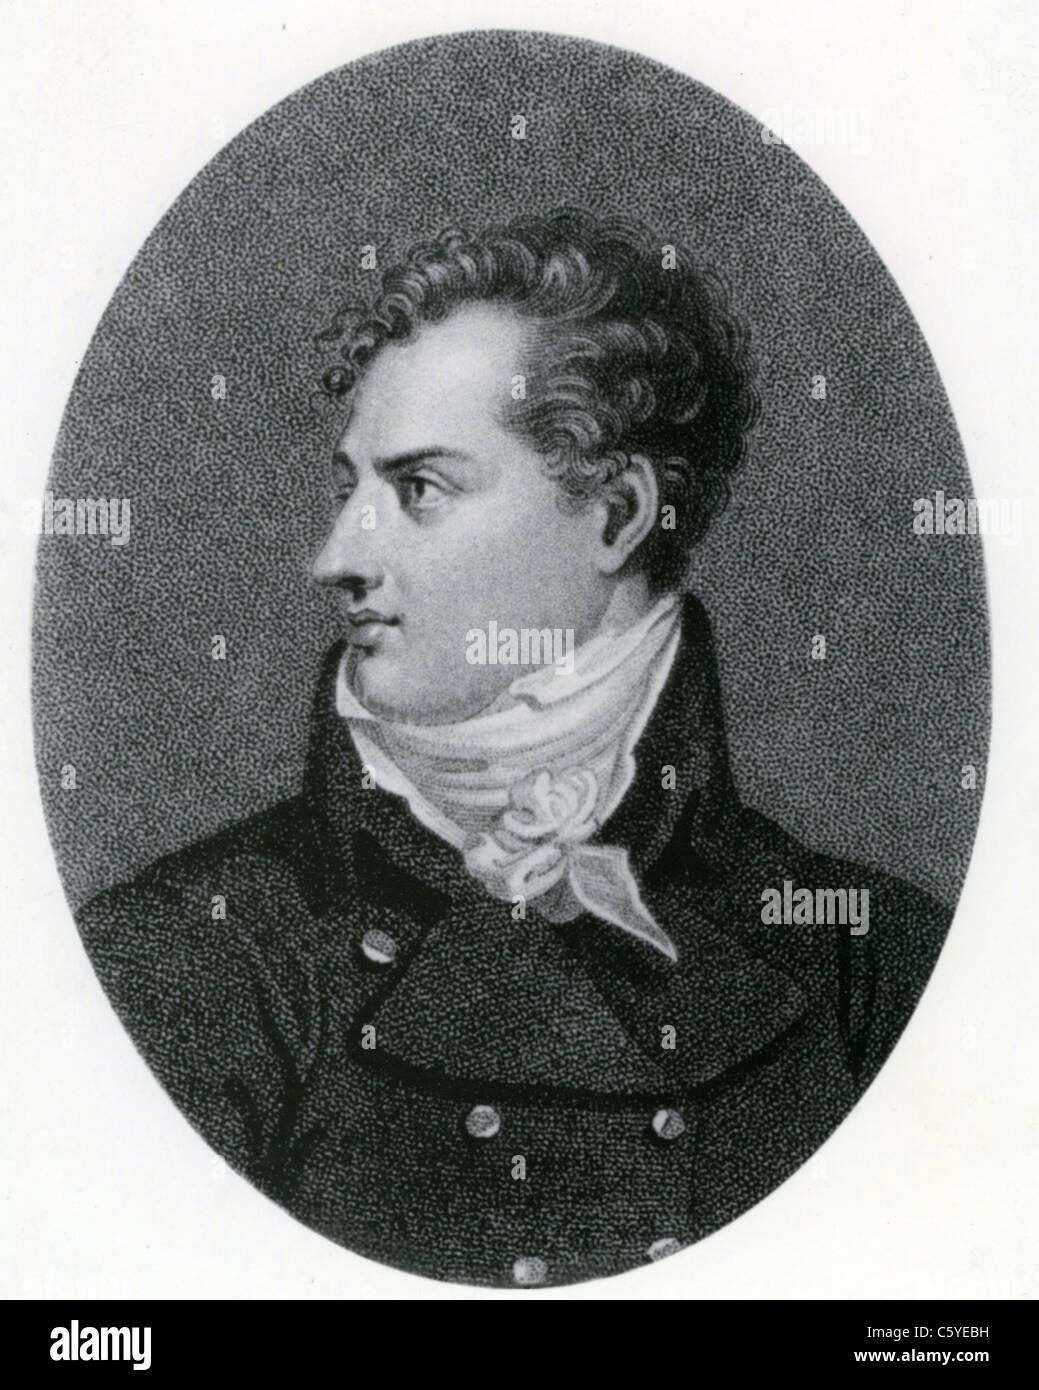 Britische Dichter LORD BYRON (1788-1824) im Jahre 1815 Stockbild